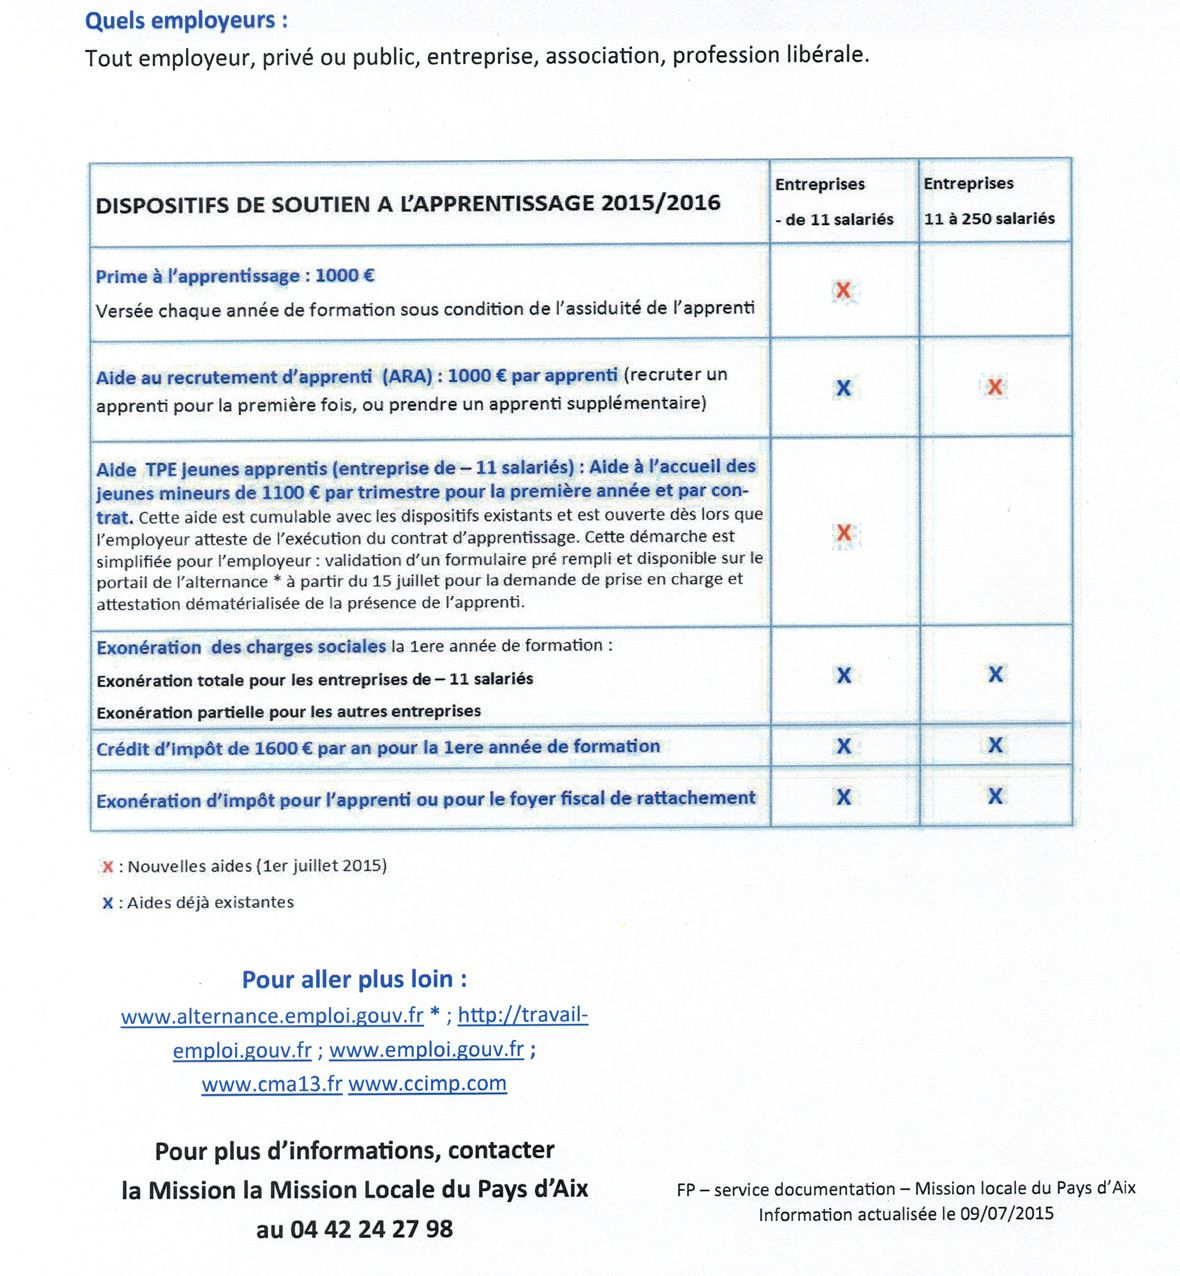 Le contrat d'apprentissage: pour qui ? Quelle rémunération ? Quels employeurs ? Quelles aides ?